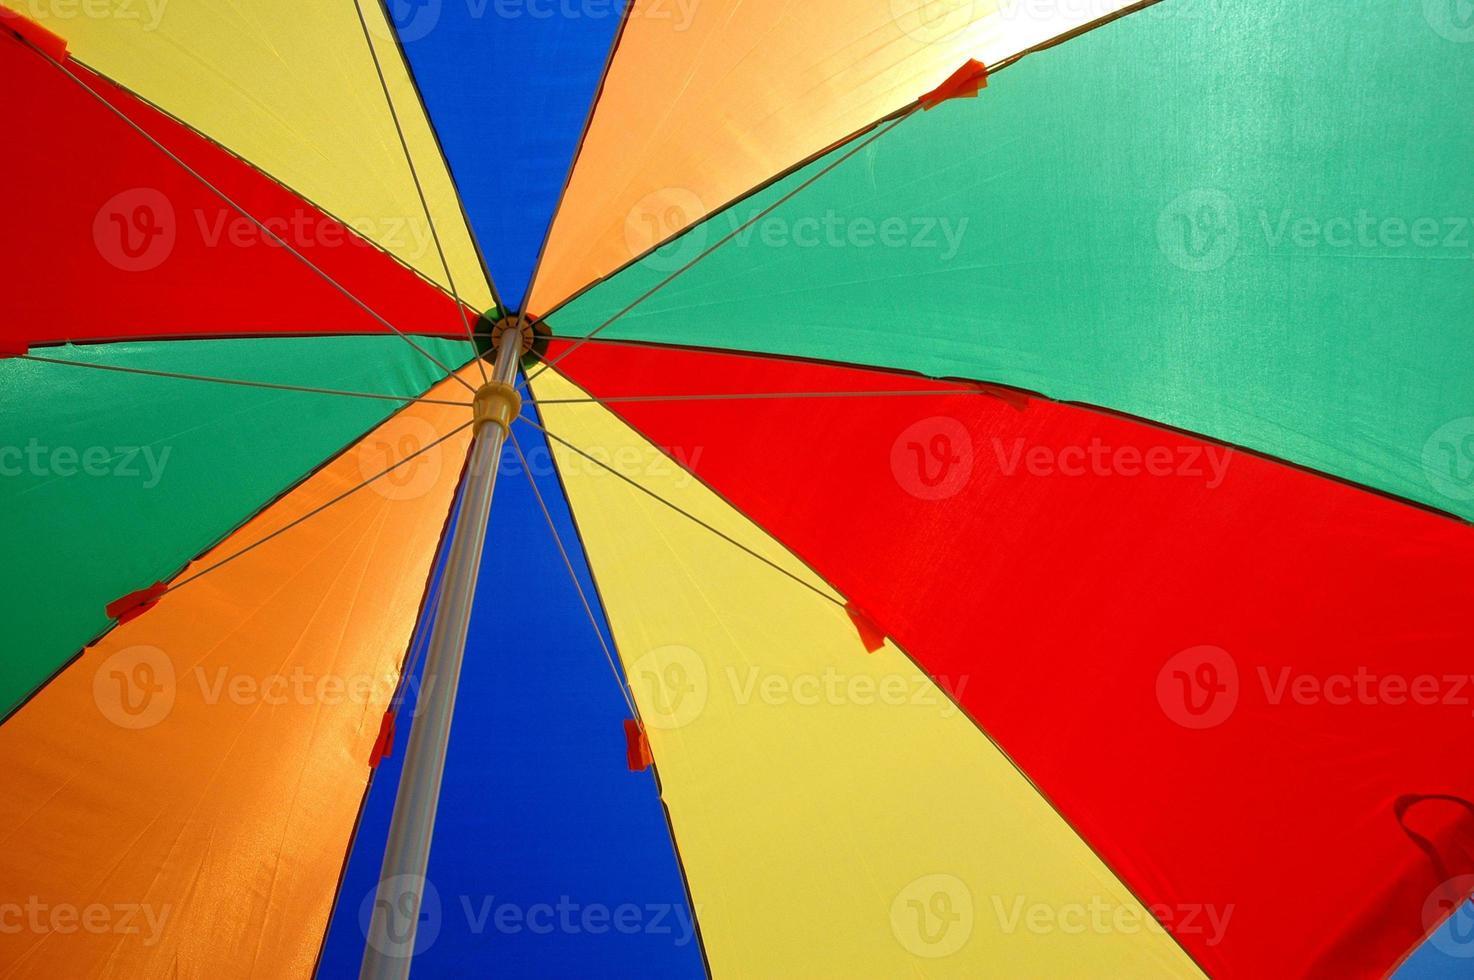 kleurrijke parasoltenten foto